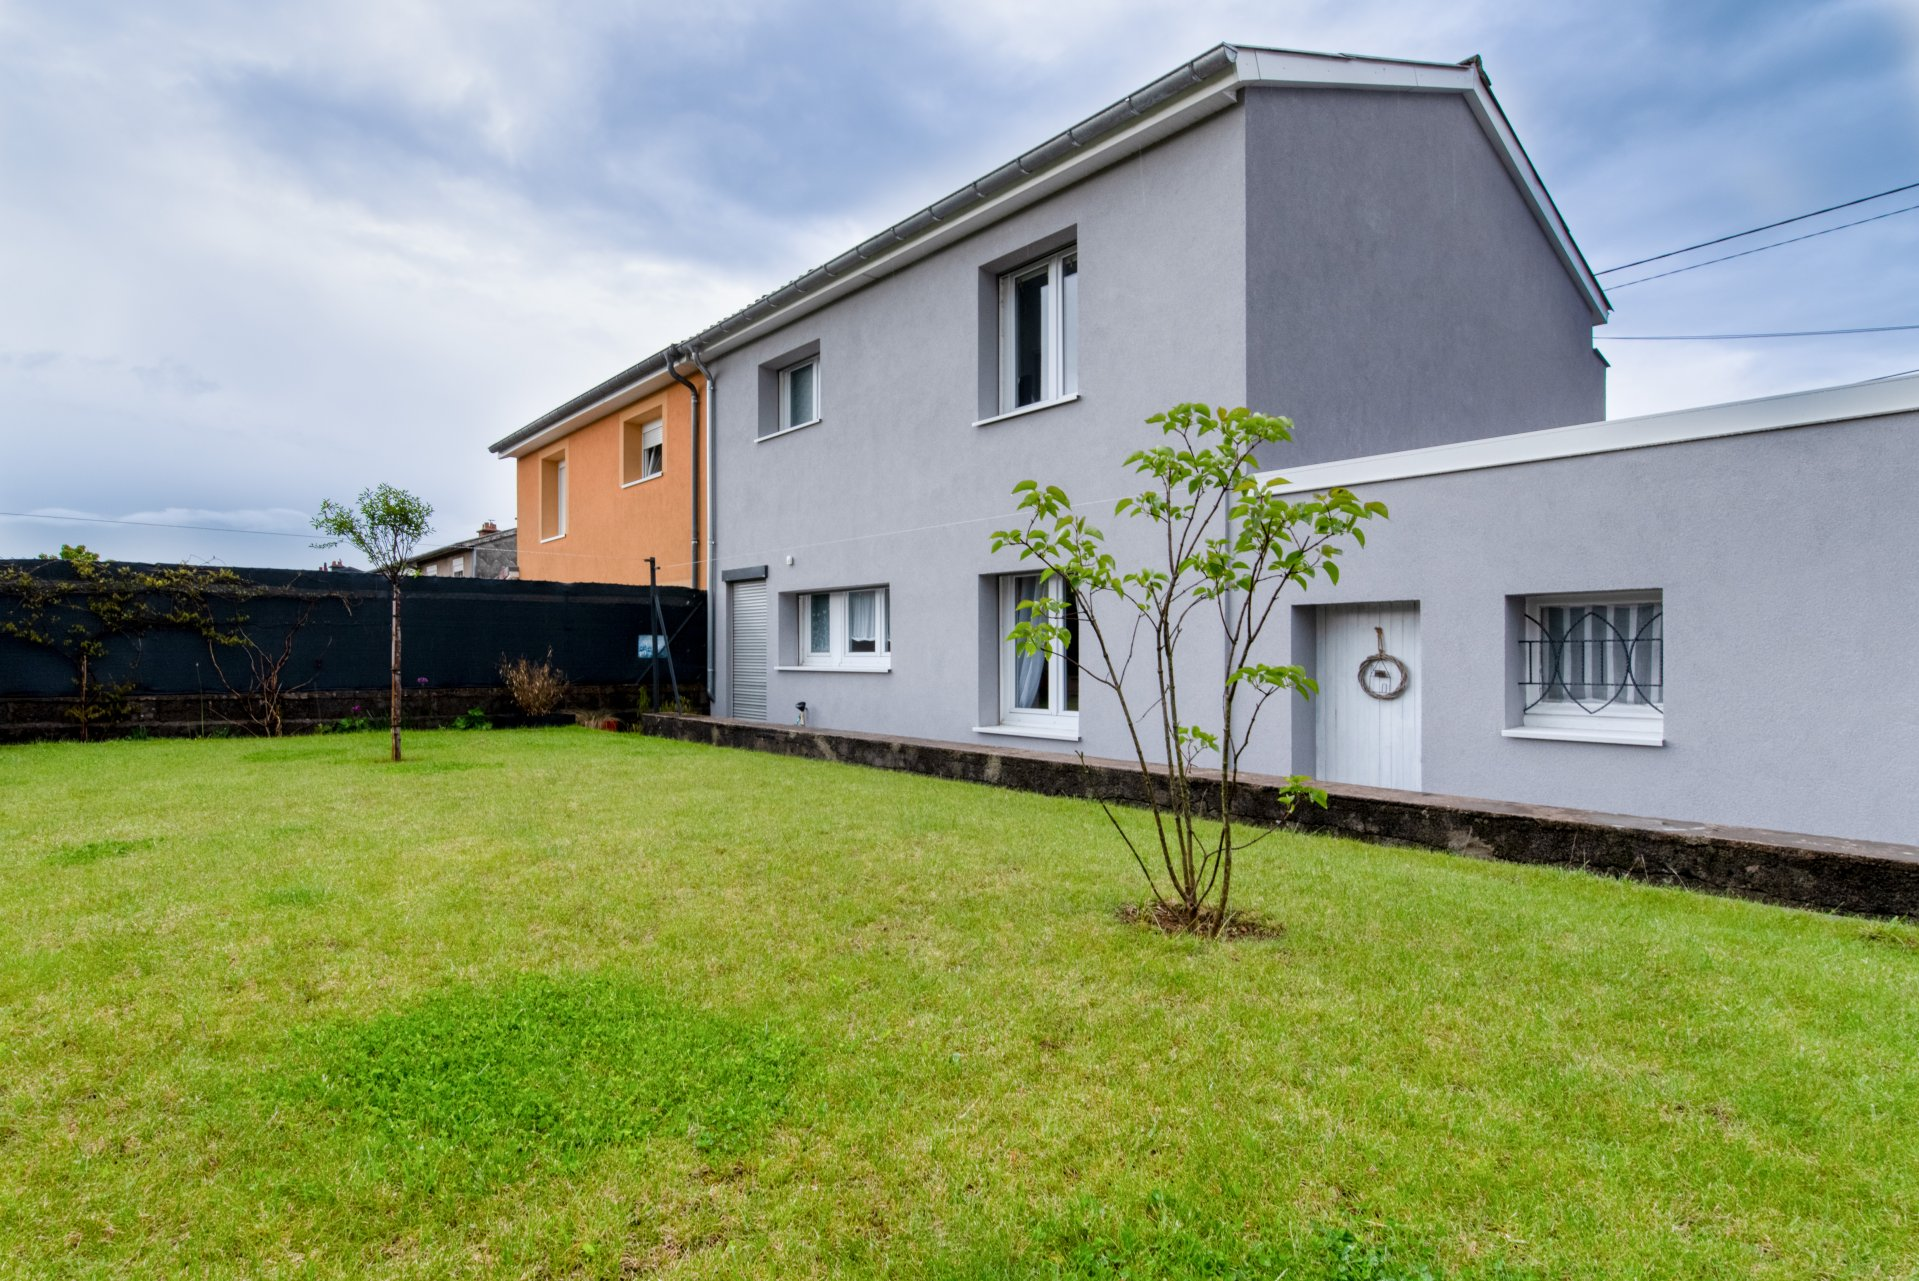 Verkauf Haus - Mont-Saint-Martin